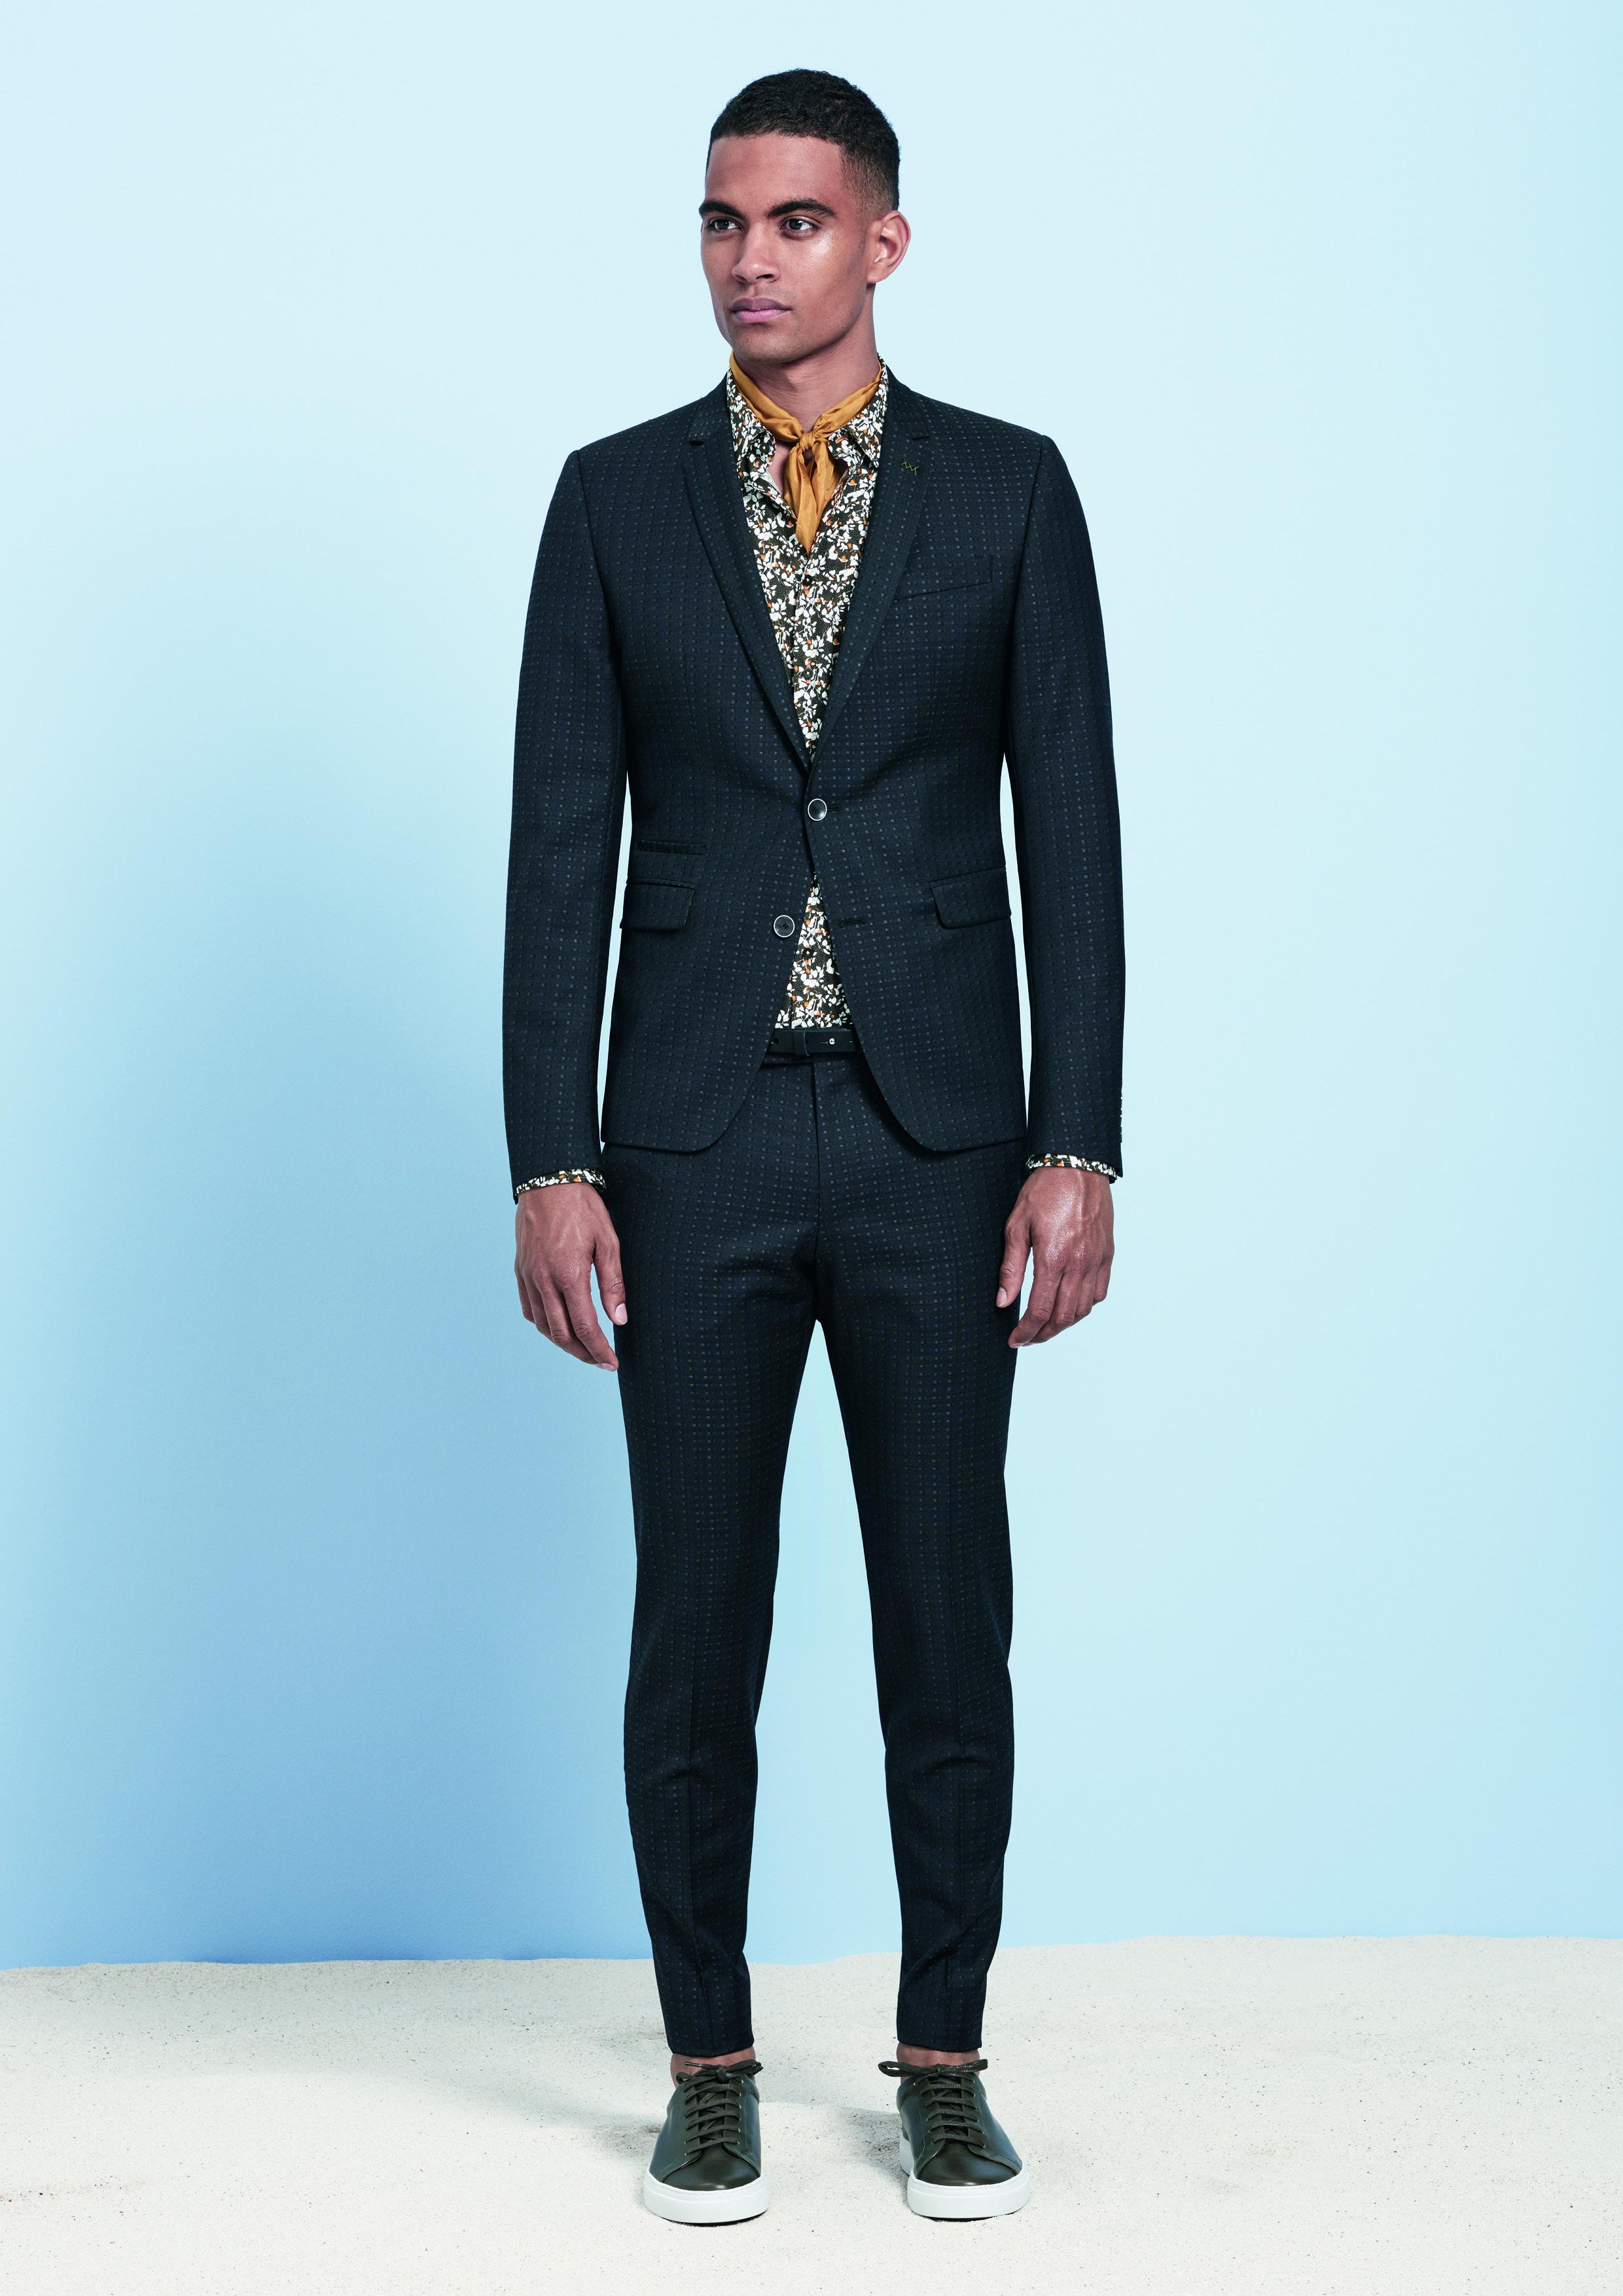 Férfi divat a 60 as években színtelen elegancia vastag